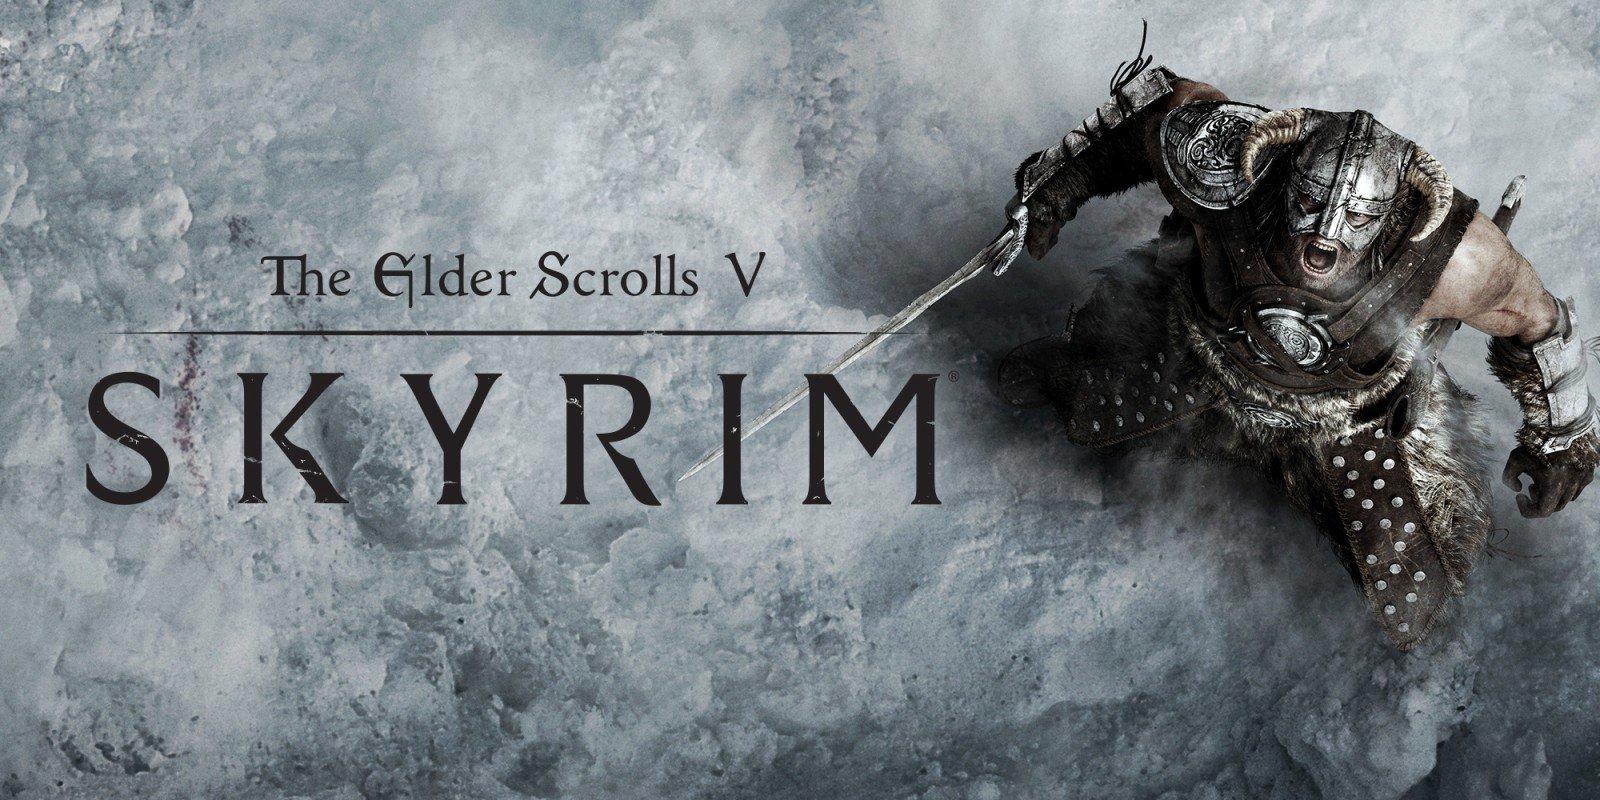 Através de uma postagem no twitter, um programador foi capaz de reproduzir The Elder Scrolls: Skyrim em um teste de gravidez.